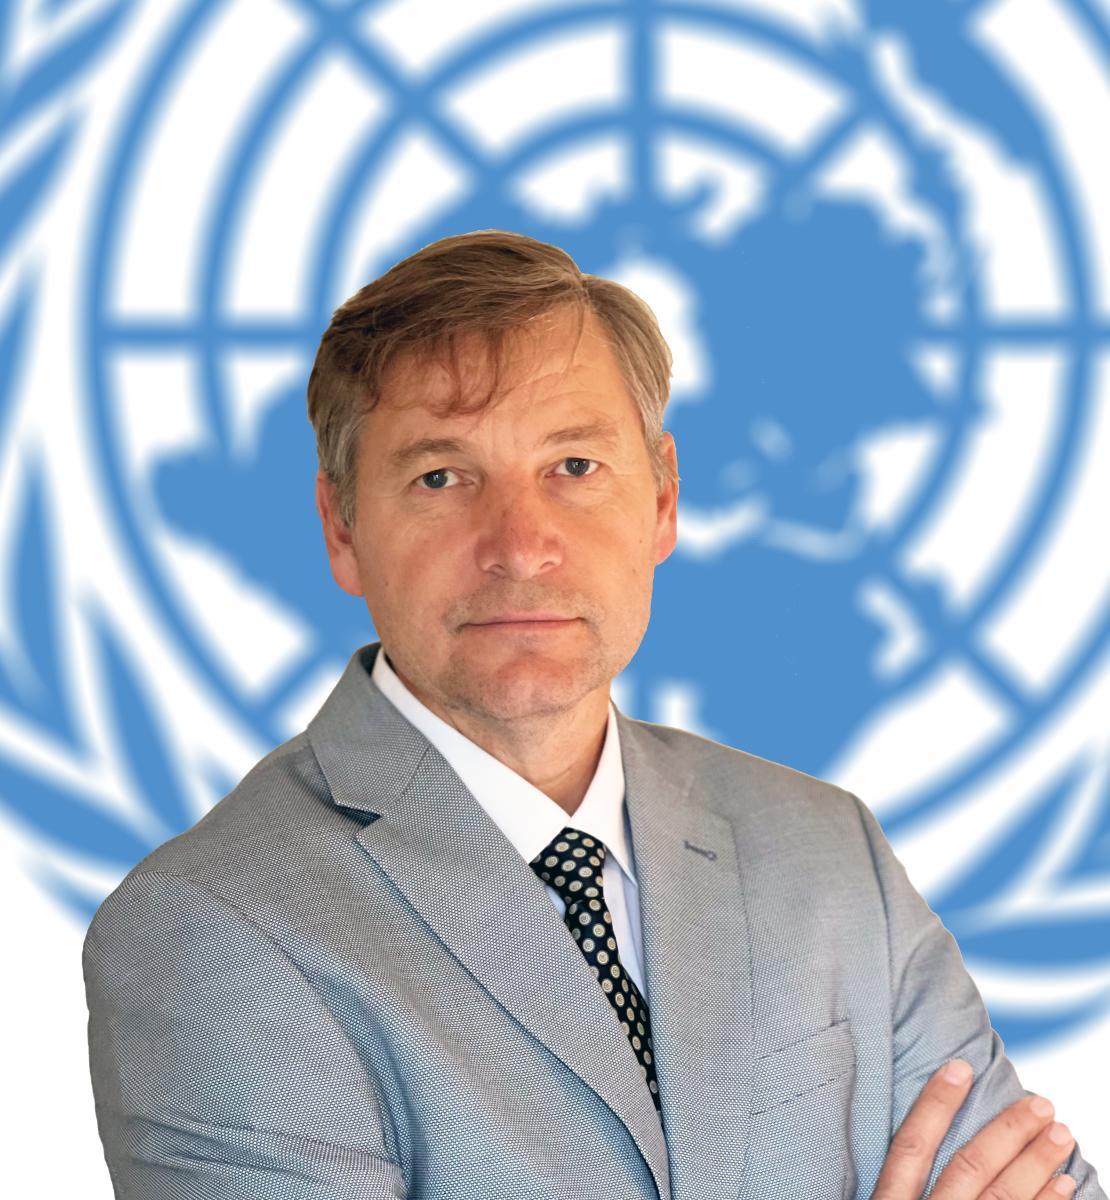 Un homme en costume gris se tient devant l'emblème des Nations Unies et regarde l'objectif, les bras croisés.